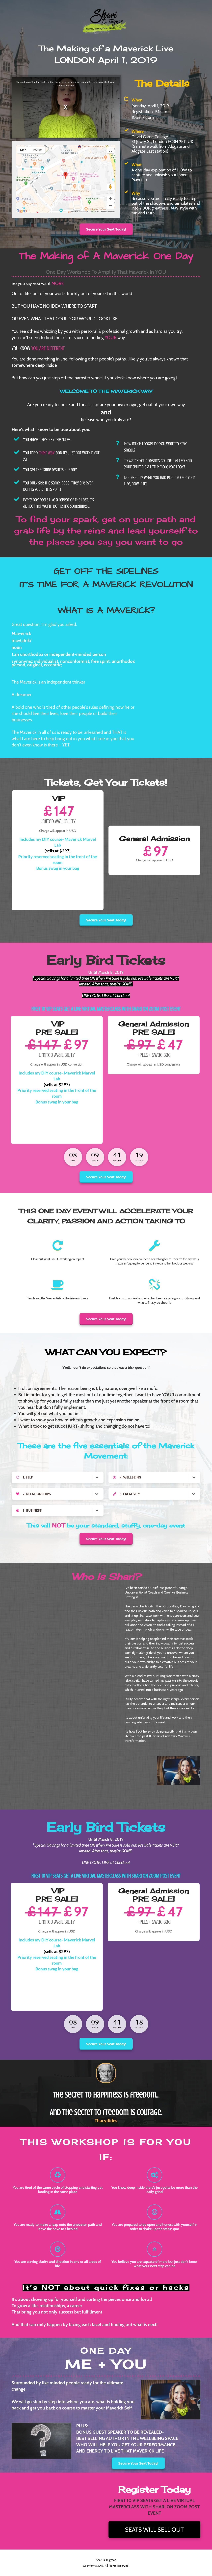 kartra.com (5).jpg